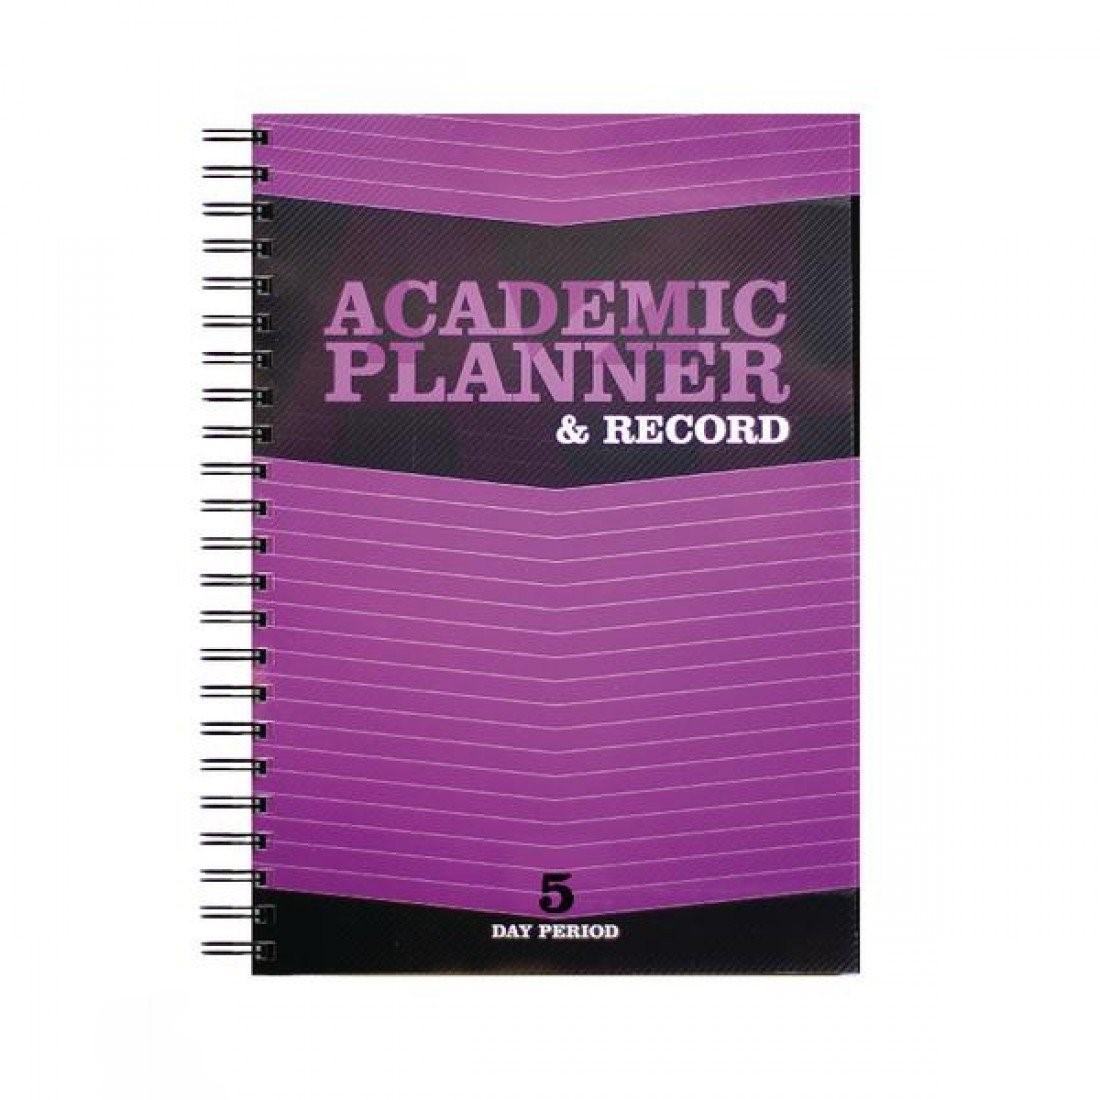 A5 Teachers Planner Rec BK 5 Period